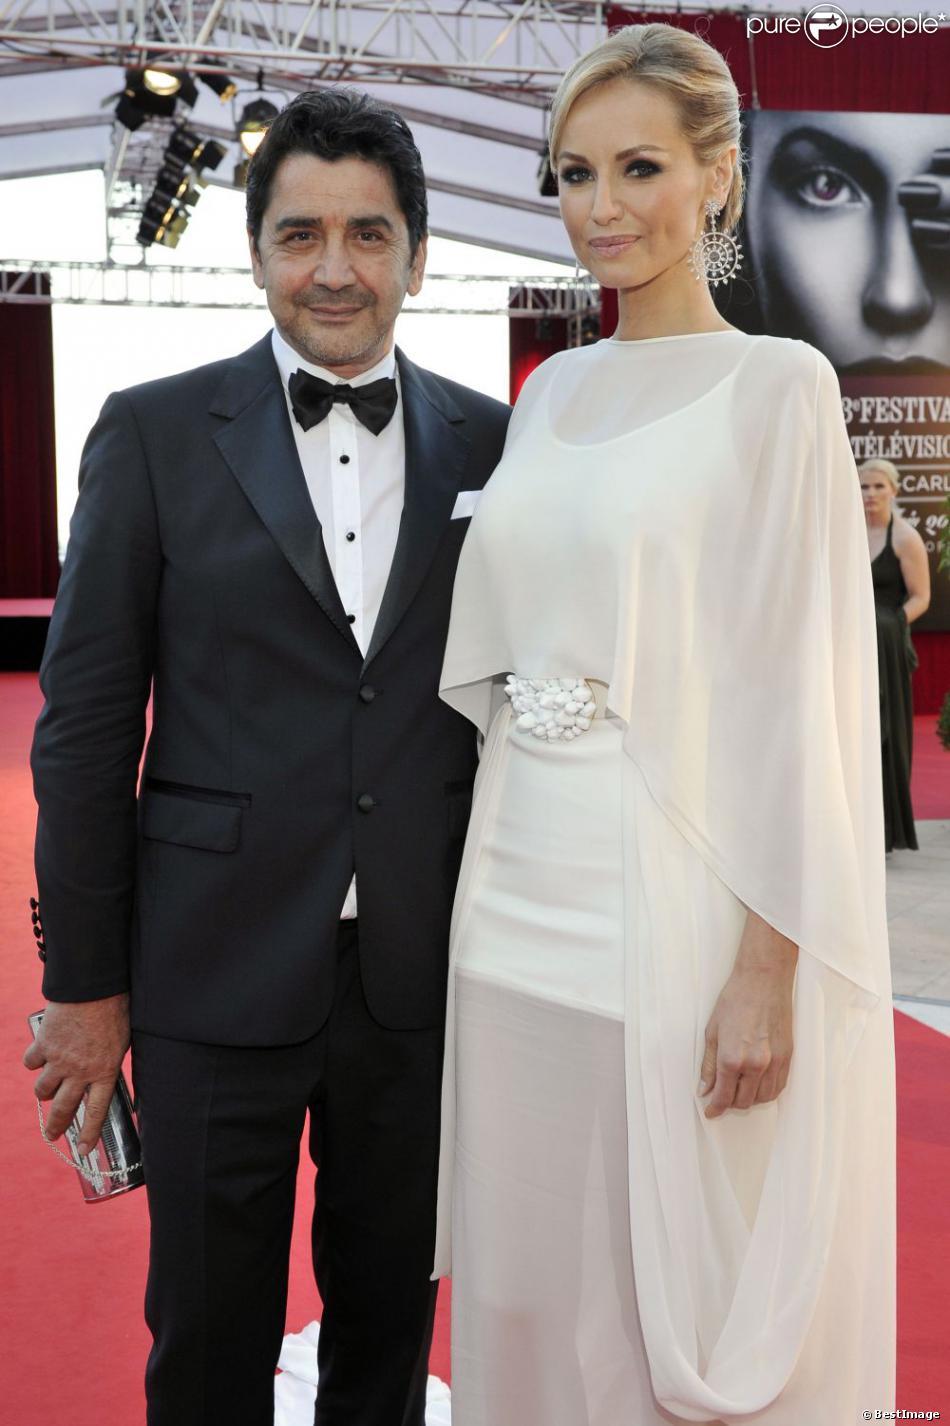 La superbe Adriana Karembeu et son compagnon André Ohanian à la cérémonie de remise de récompenses du 53e Festival de Télévision de Monte-Carlo au Grimaldi Forum, le 13 juin 2013.